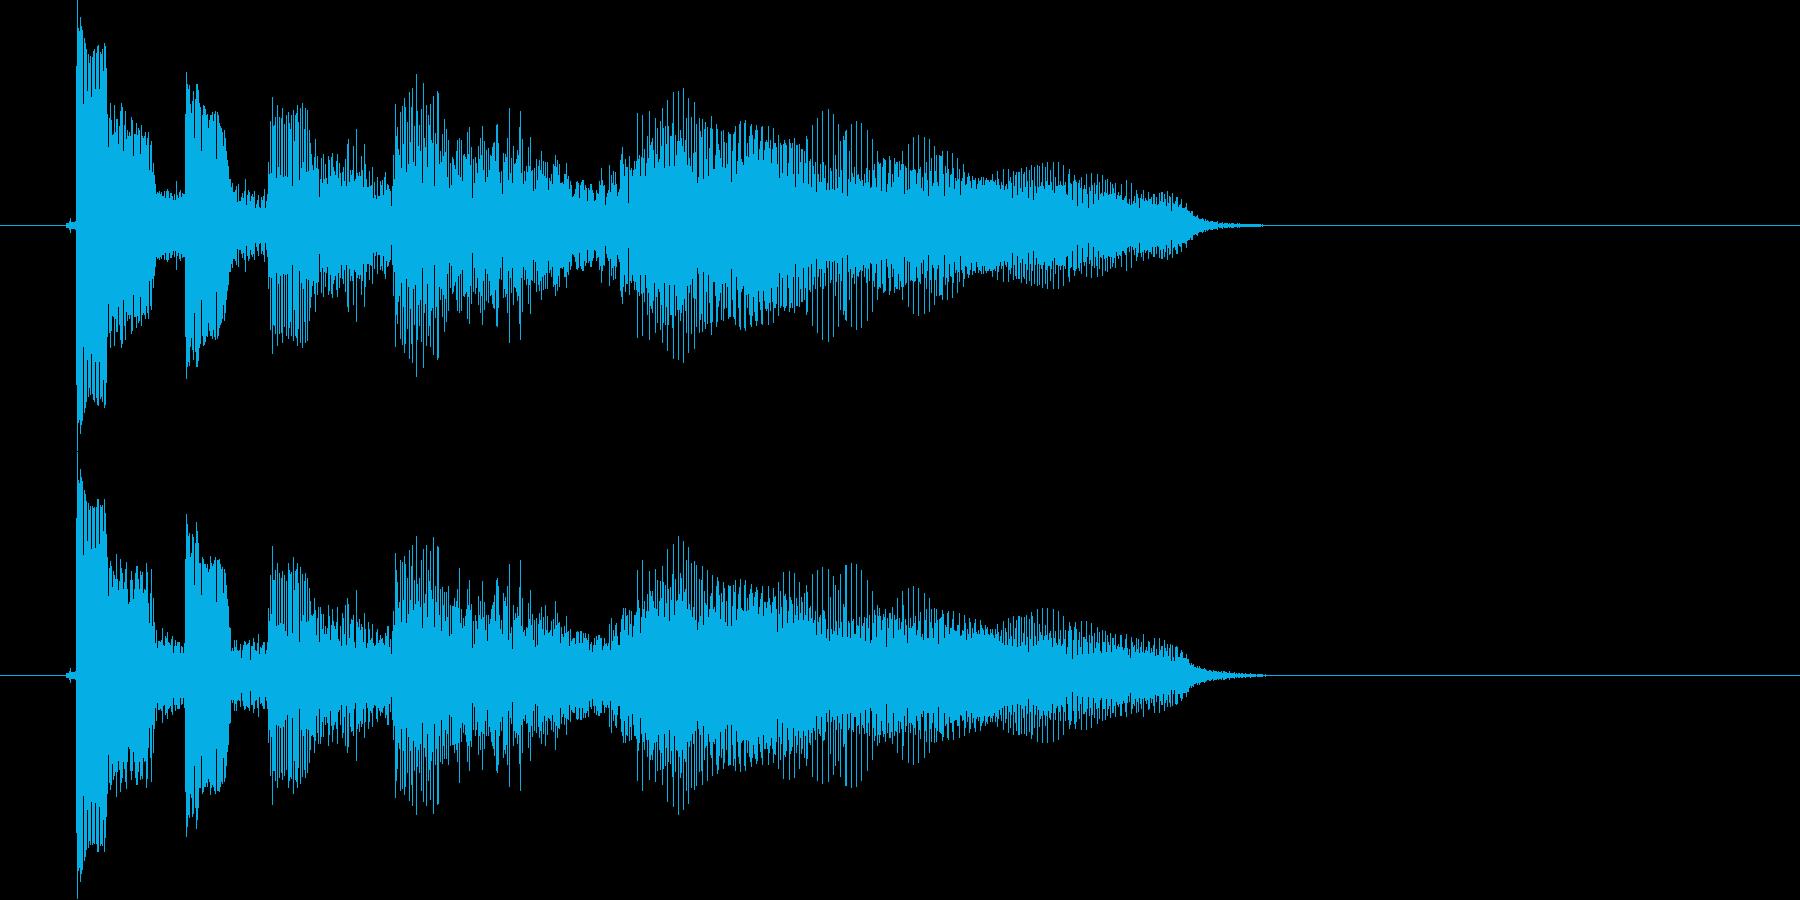 エレキ カントリー切り替え2 UPの再生済みの波形